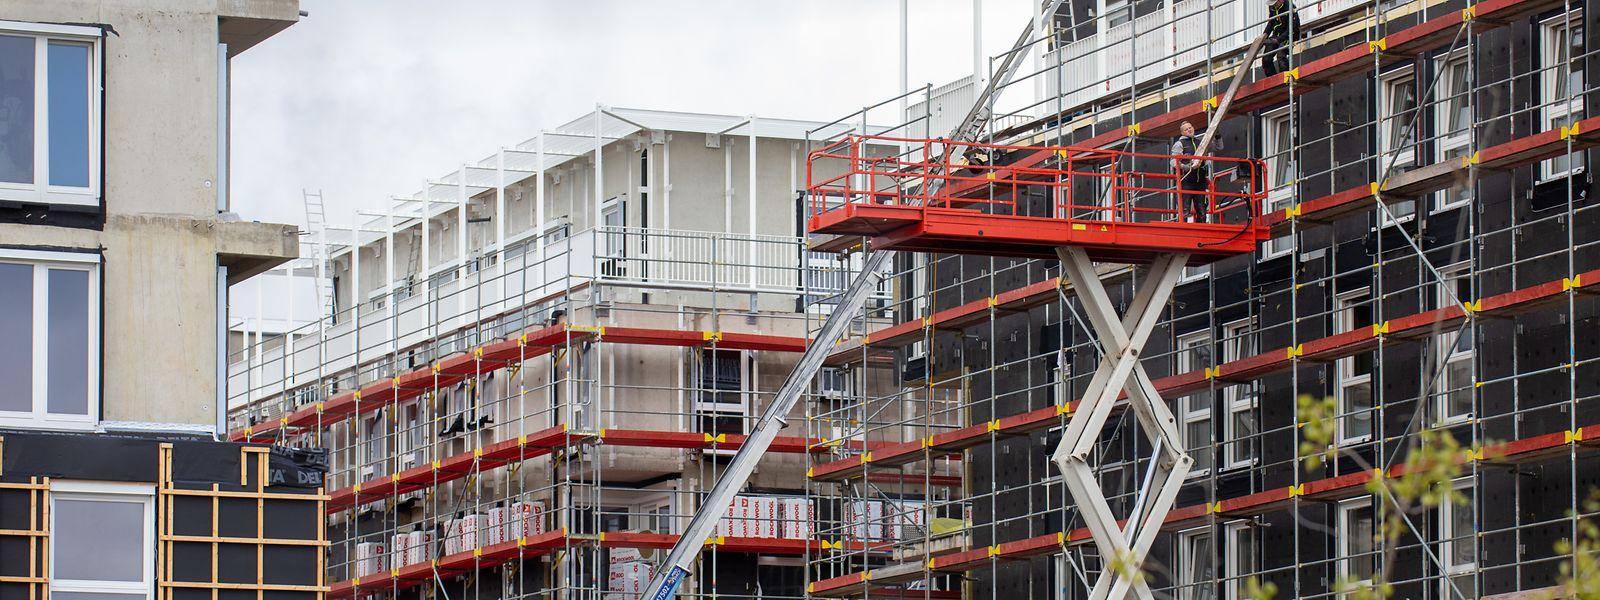 Le CSV craint, notamment, des lourdeurs administratives et une sensibilité trop grande aux questions environnementales dans le nouveau texte. Deux points qui pourraient retarder les projets de constructions.